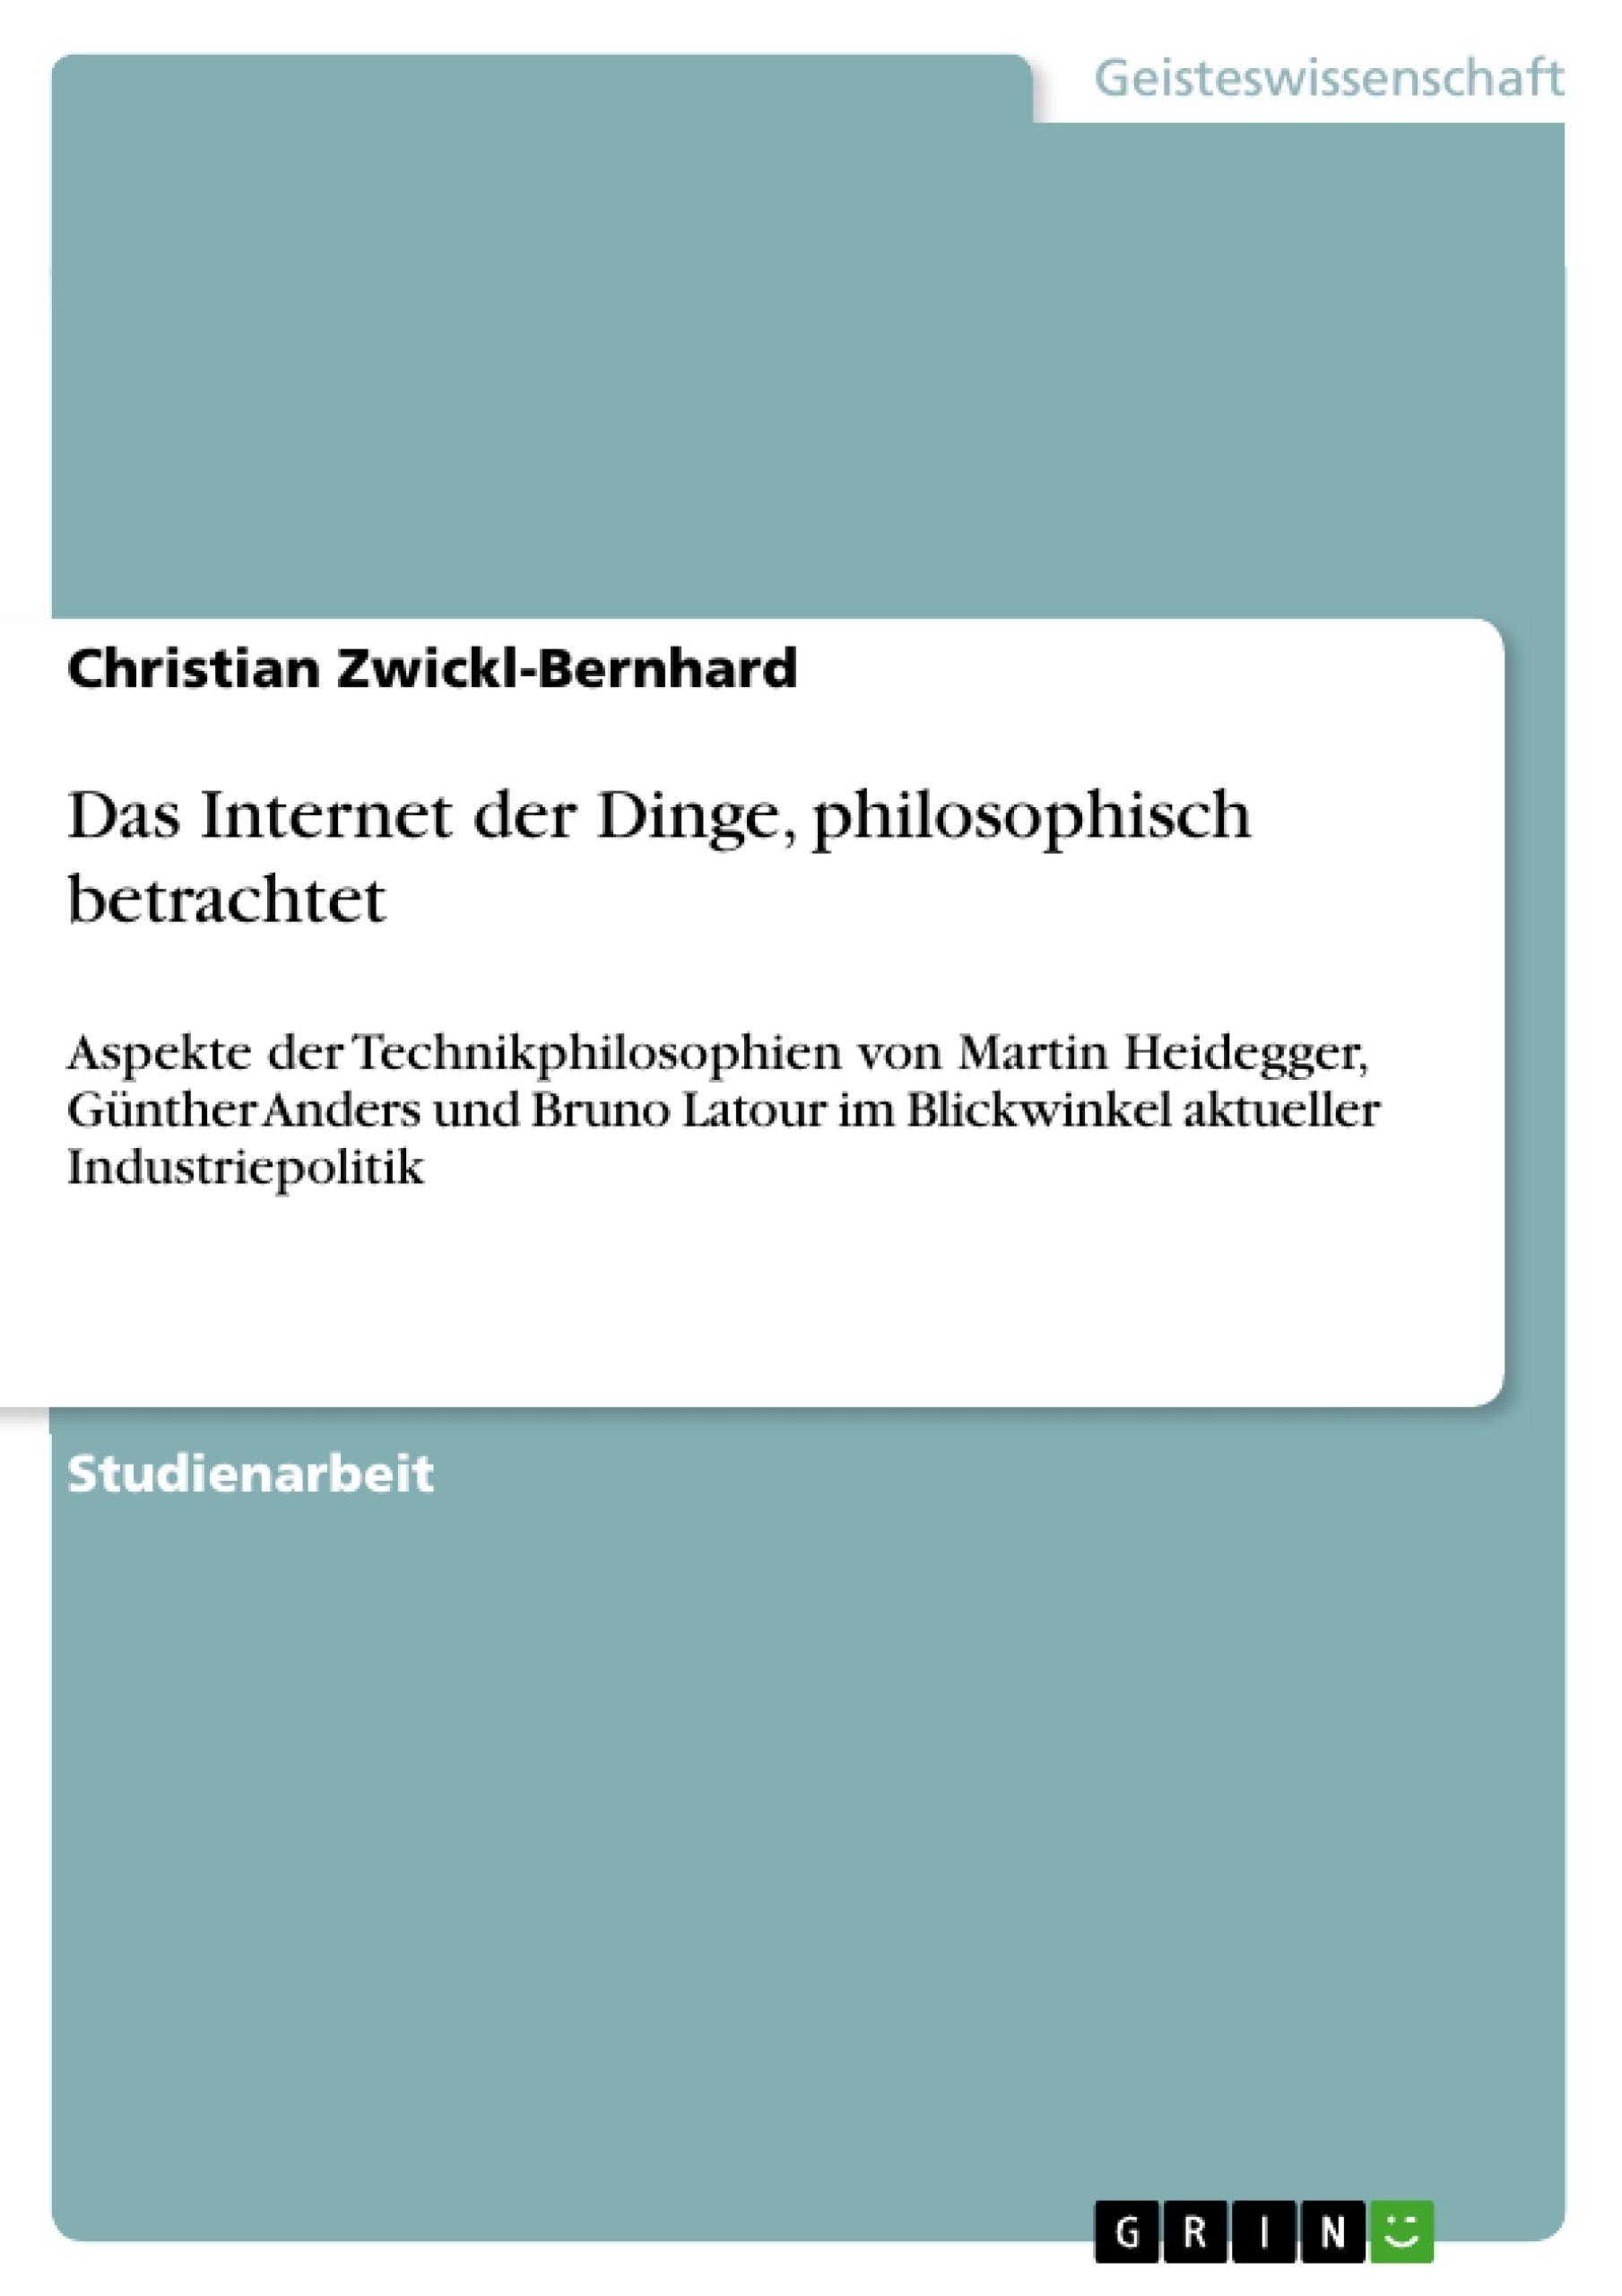 Titel: Das Internet der Dinge, philosophisch betrachtet